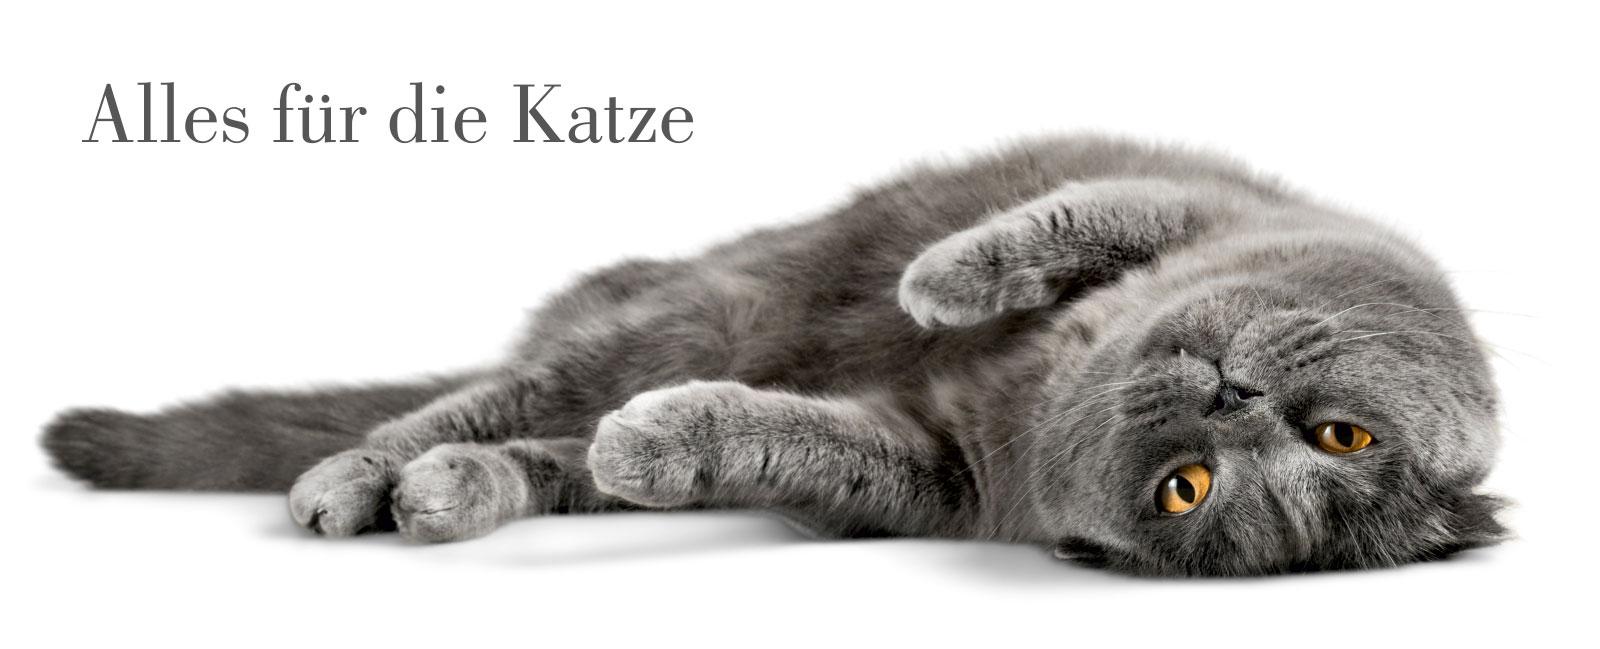 Schwedt Fauna - Alles für die Katze